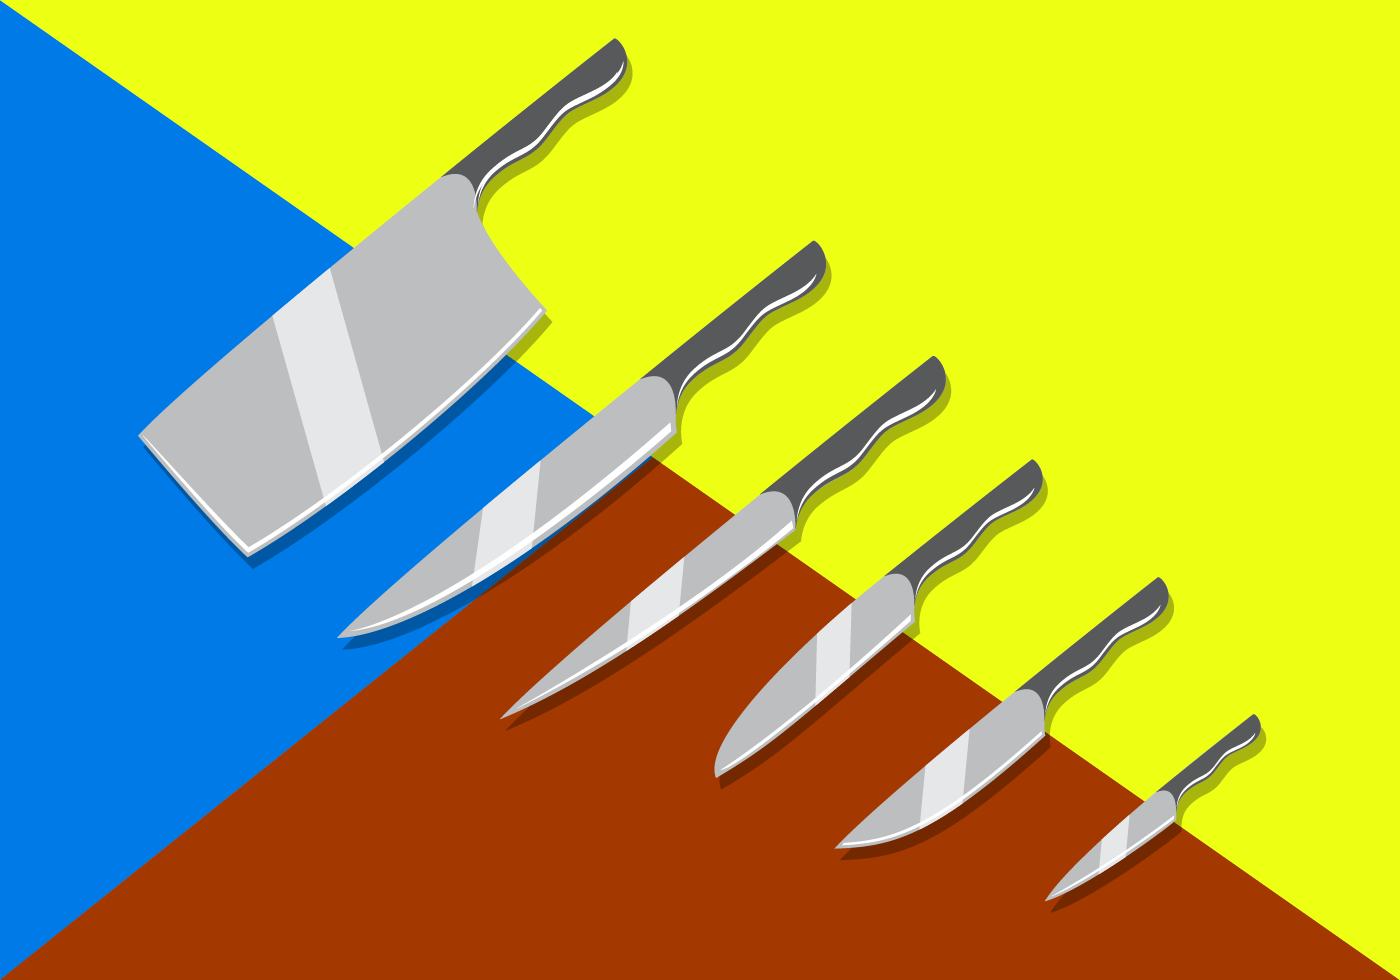 Free Knives Vectors Download Free Vectors Clipart